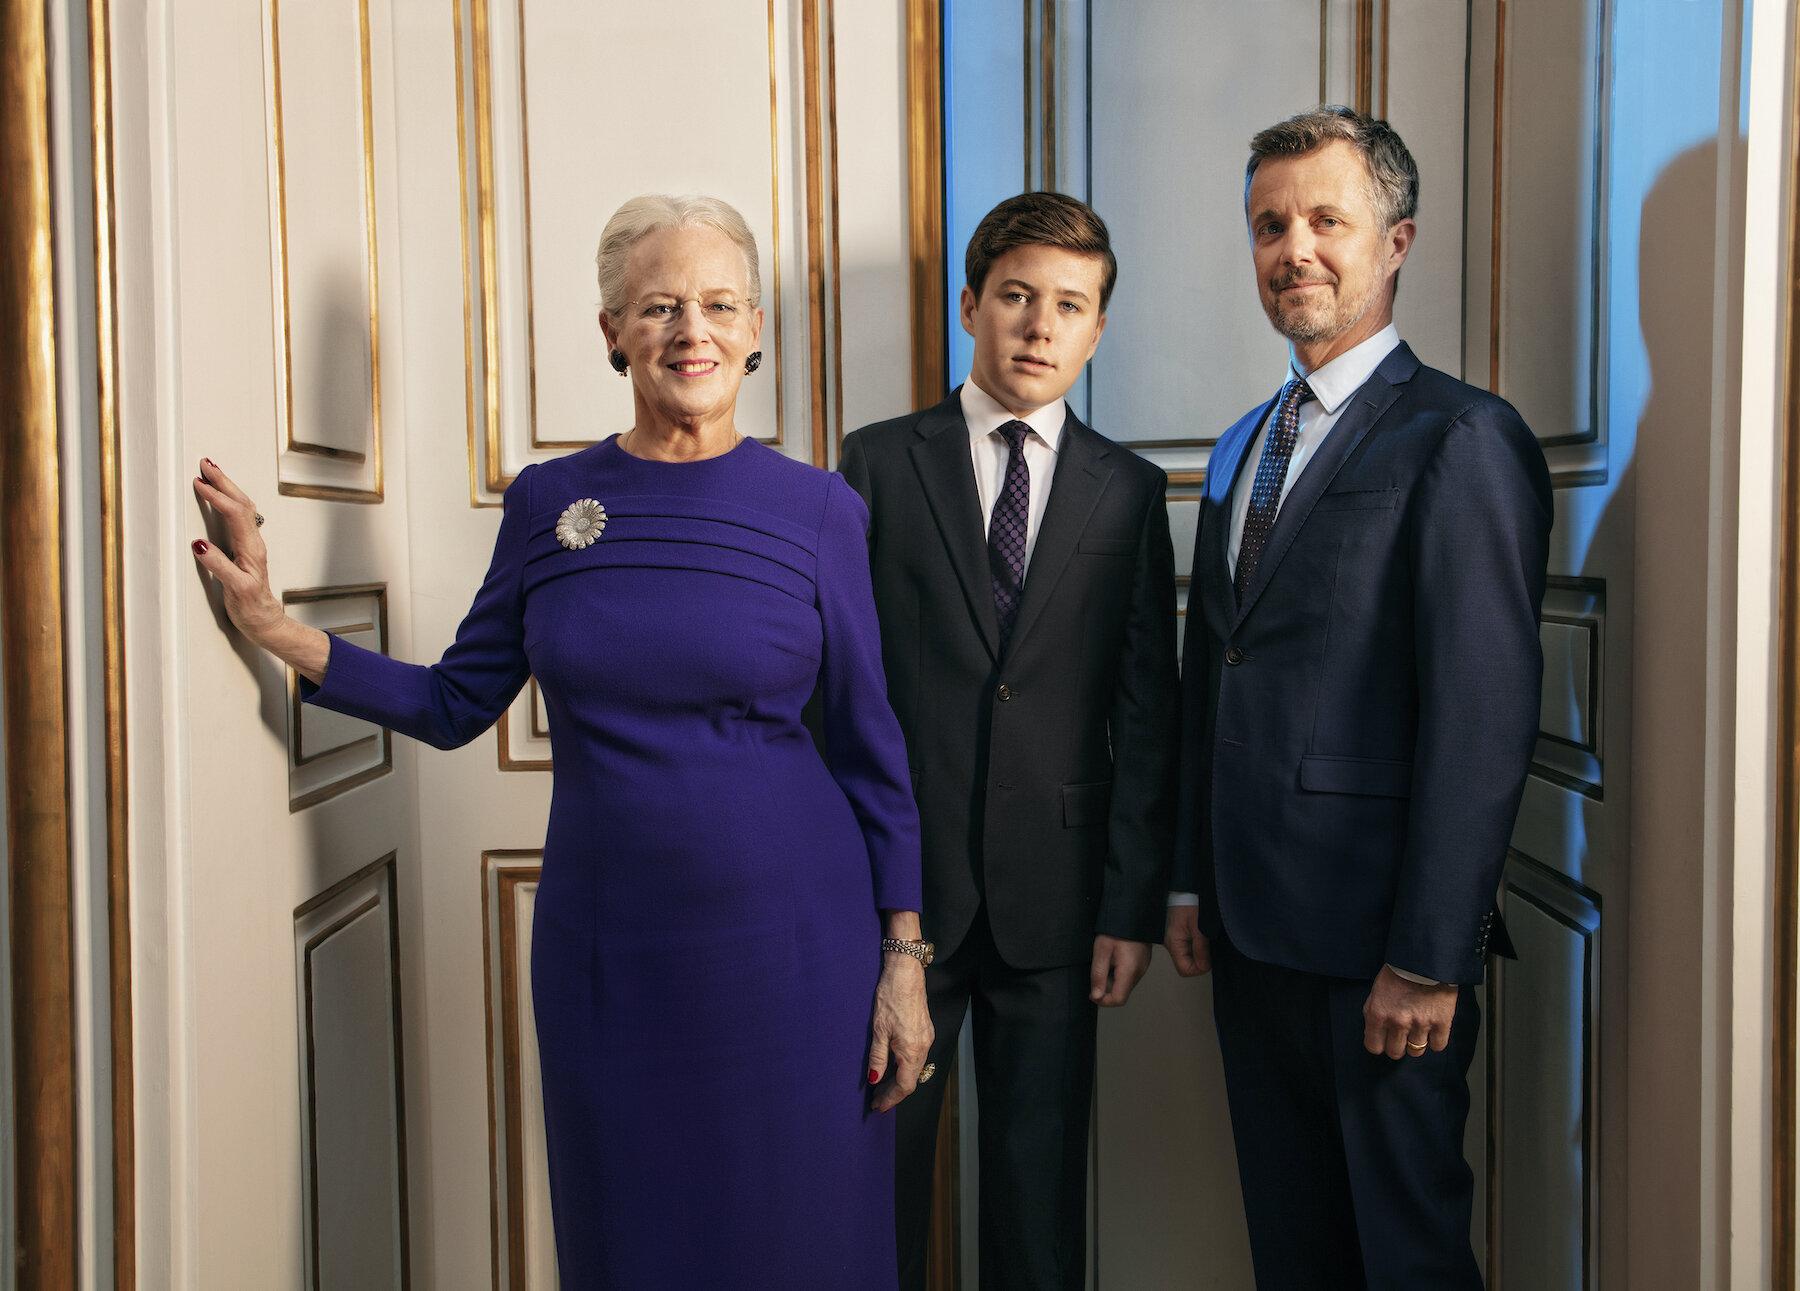 Sehen wir da wirklich eine Königin mit ihrer Familie? Die Royals wirken eher wie Fremde.  © Fotograf Per Morten Abrahamsen /Kongehuset.DK